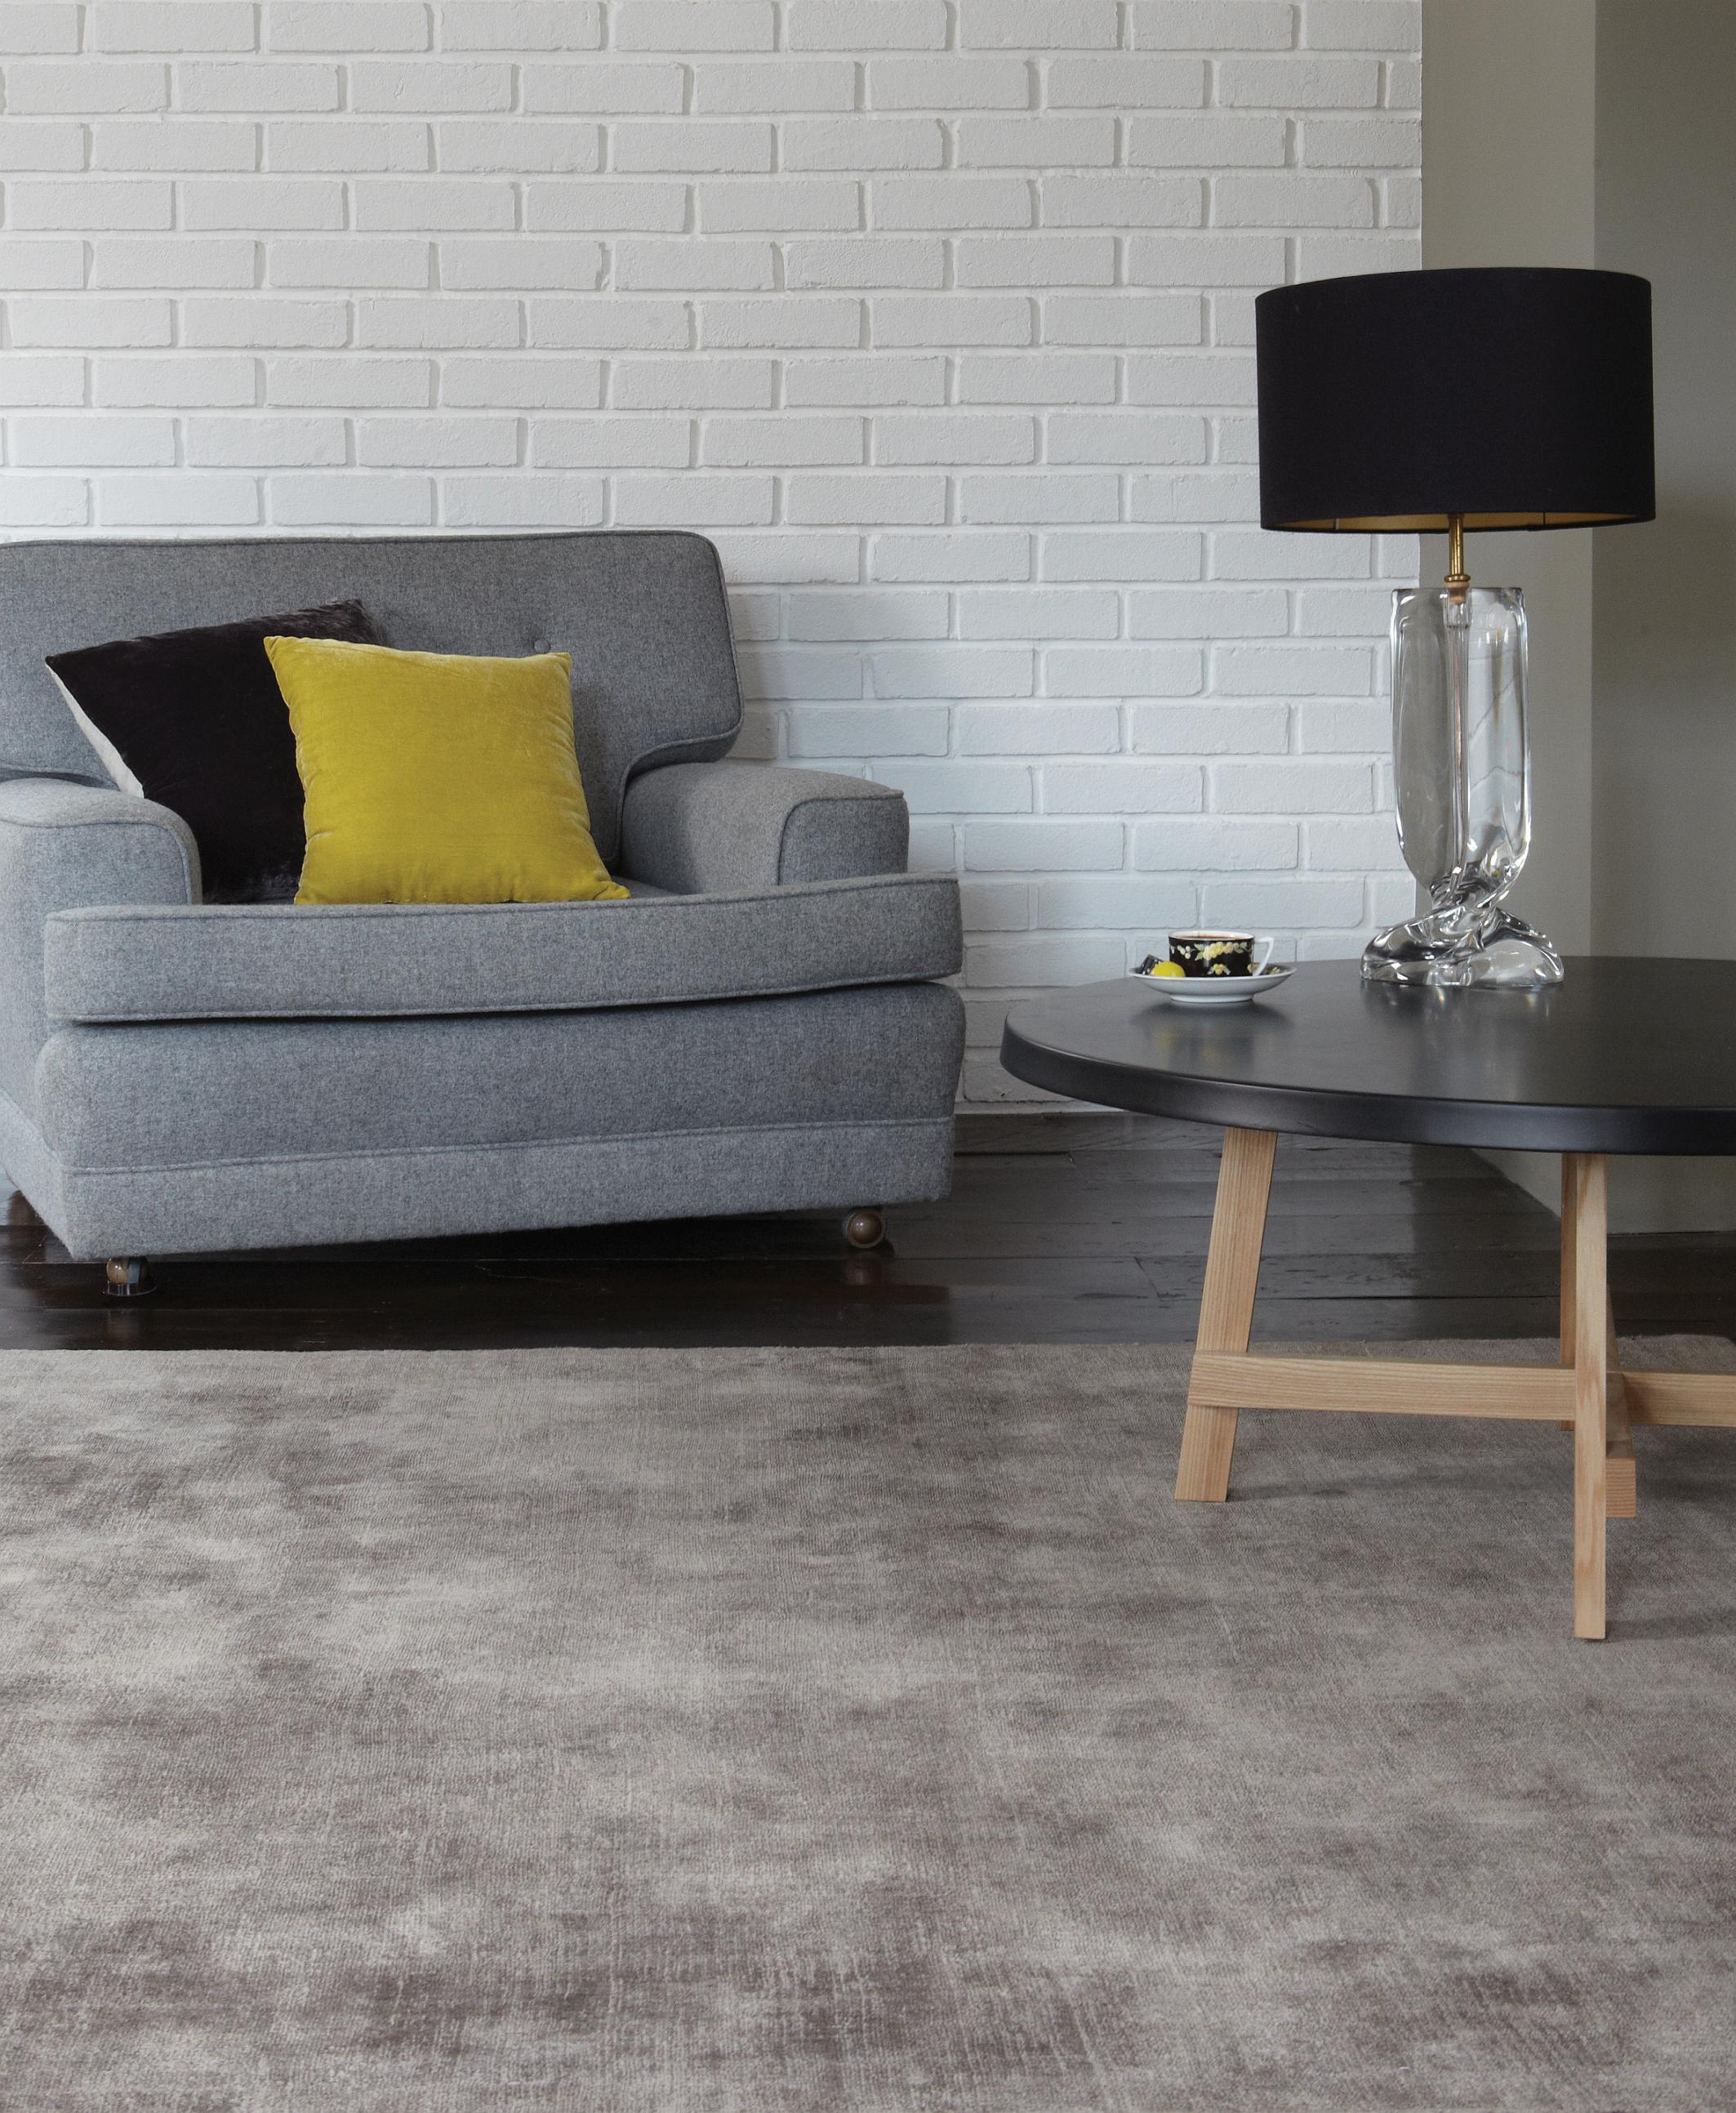 Moderner Teppich Für Modernes Wohnen #wohnzimmerteppich ©KadimaDesign